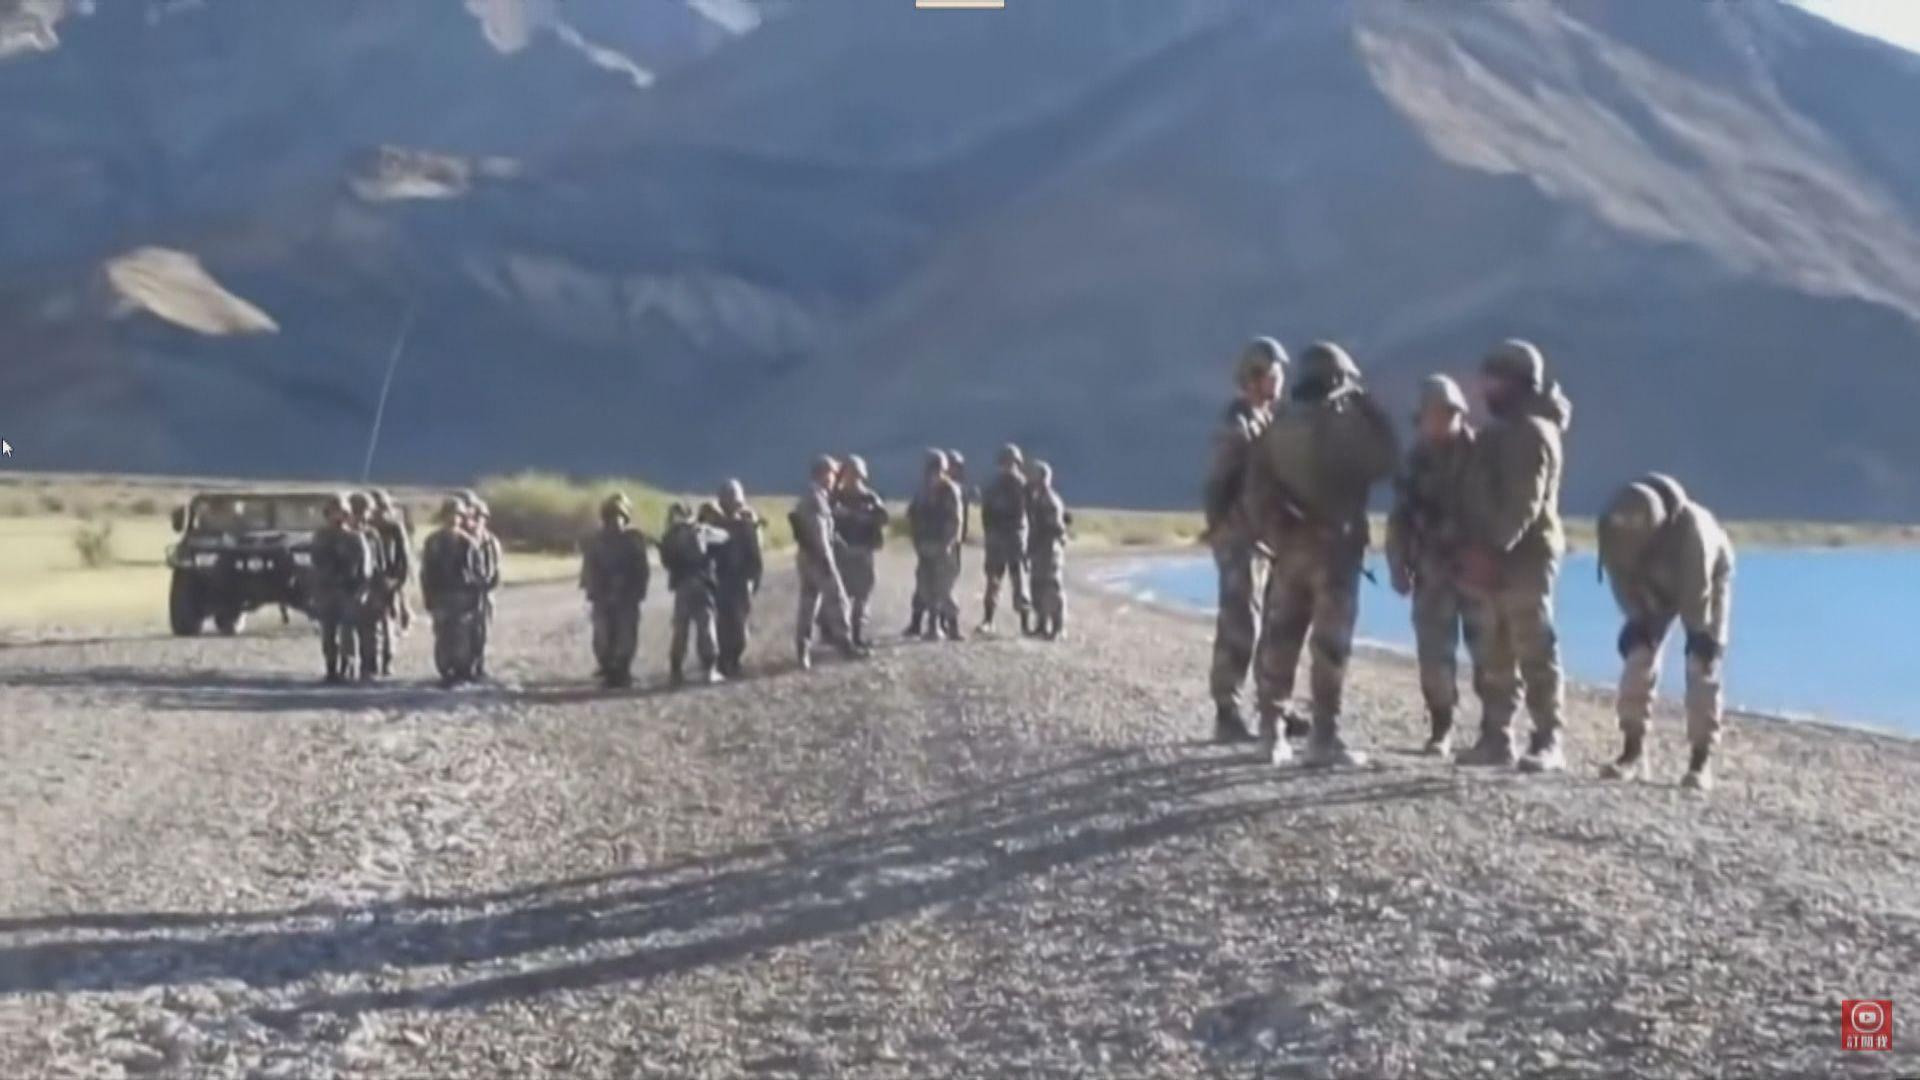 解放軍:被印方扣留的士兵因迷路誤越實控線